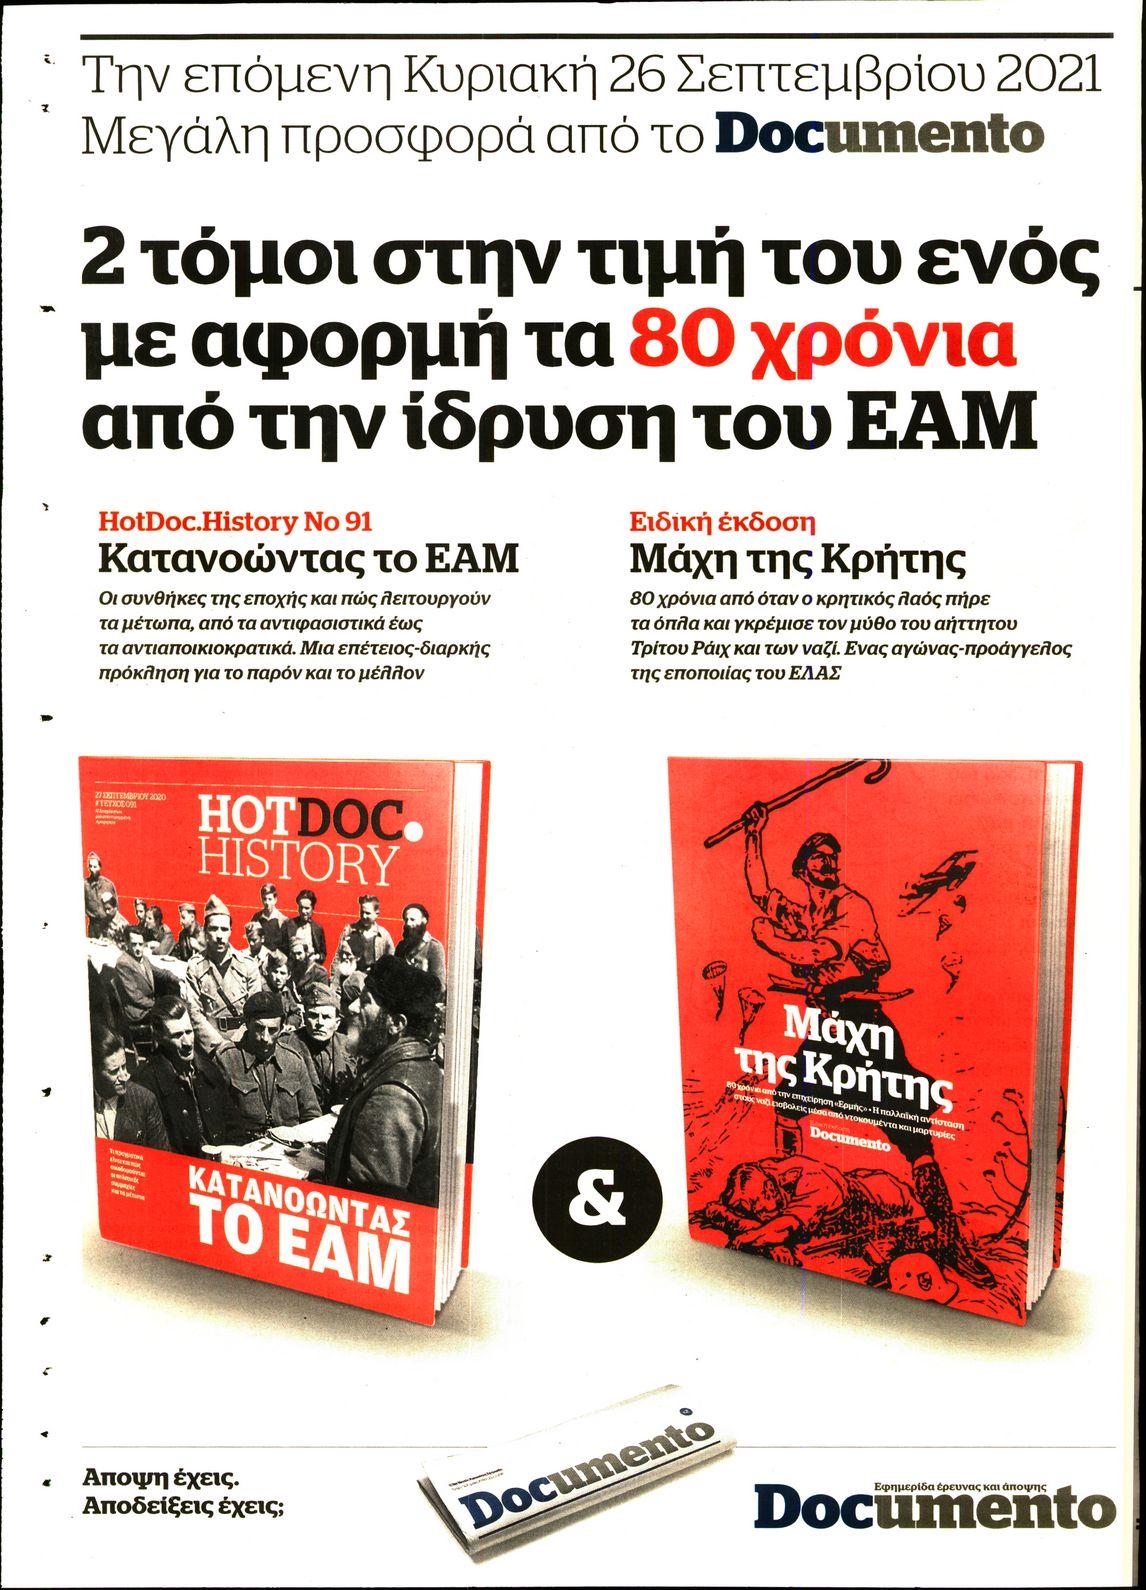 Οπισθόφυλλο του εντύπου «DOCUMENTO» που δημοσιεύτηκε στις 19/09/2021